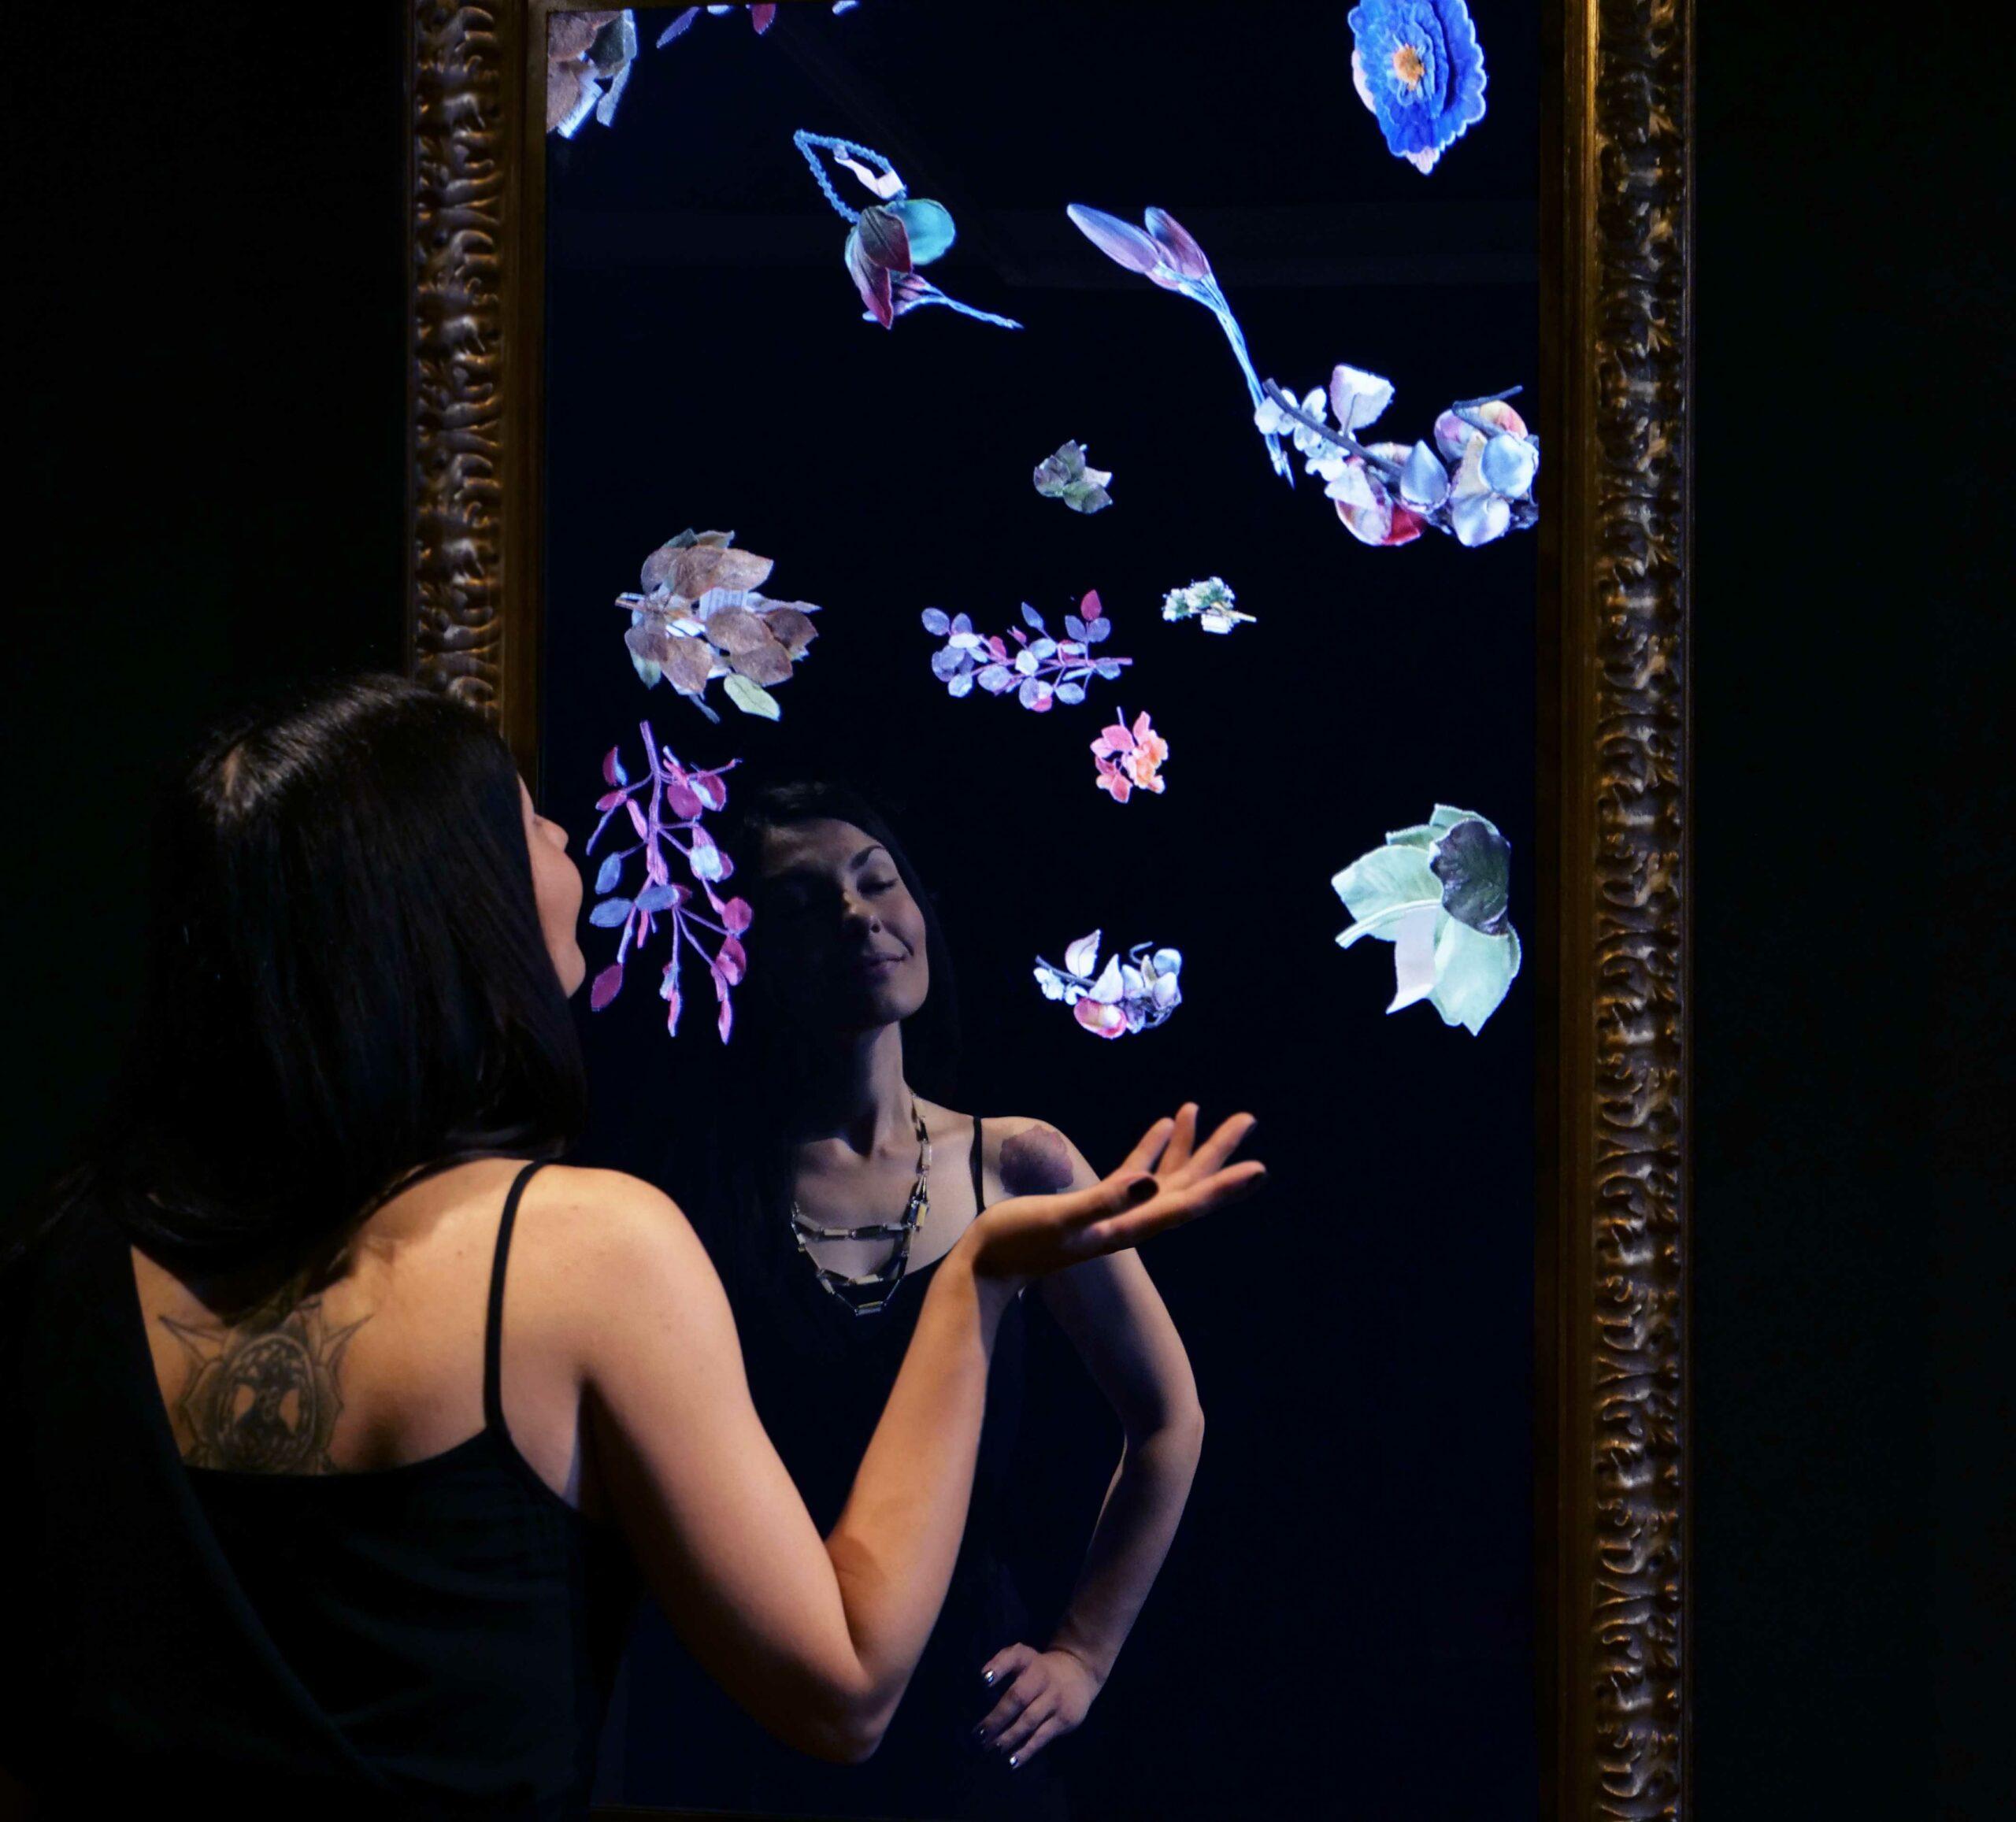 Chiara Corriga si specchia dinnanzi a un antico specchio e scopre una nuova parte di sé.